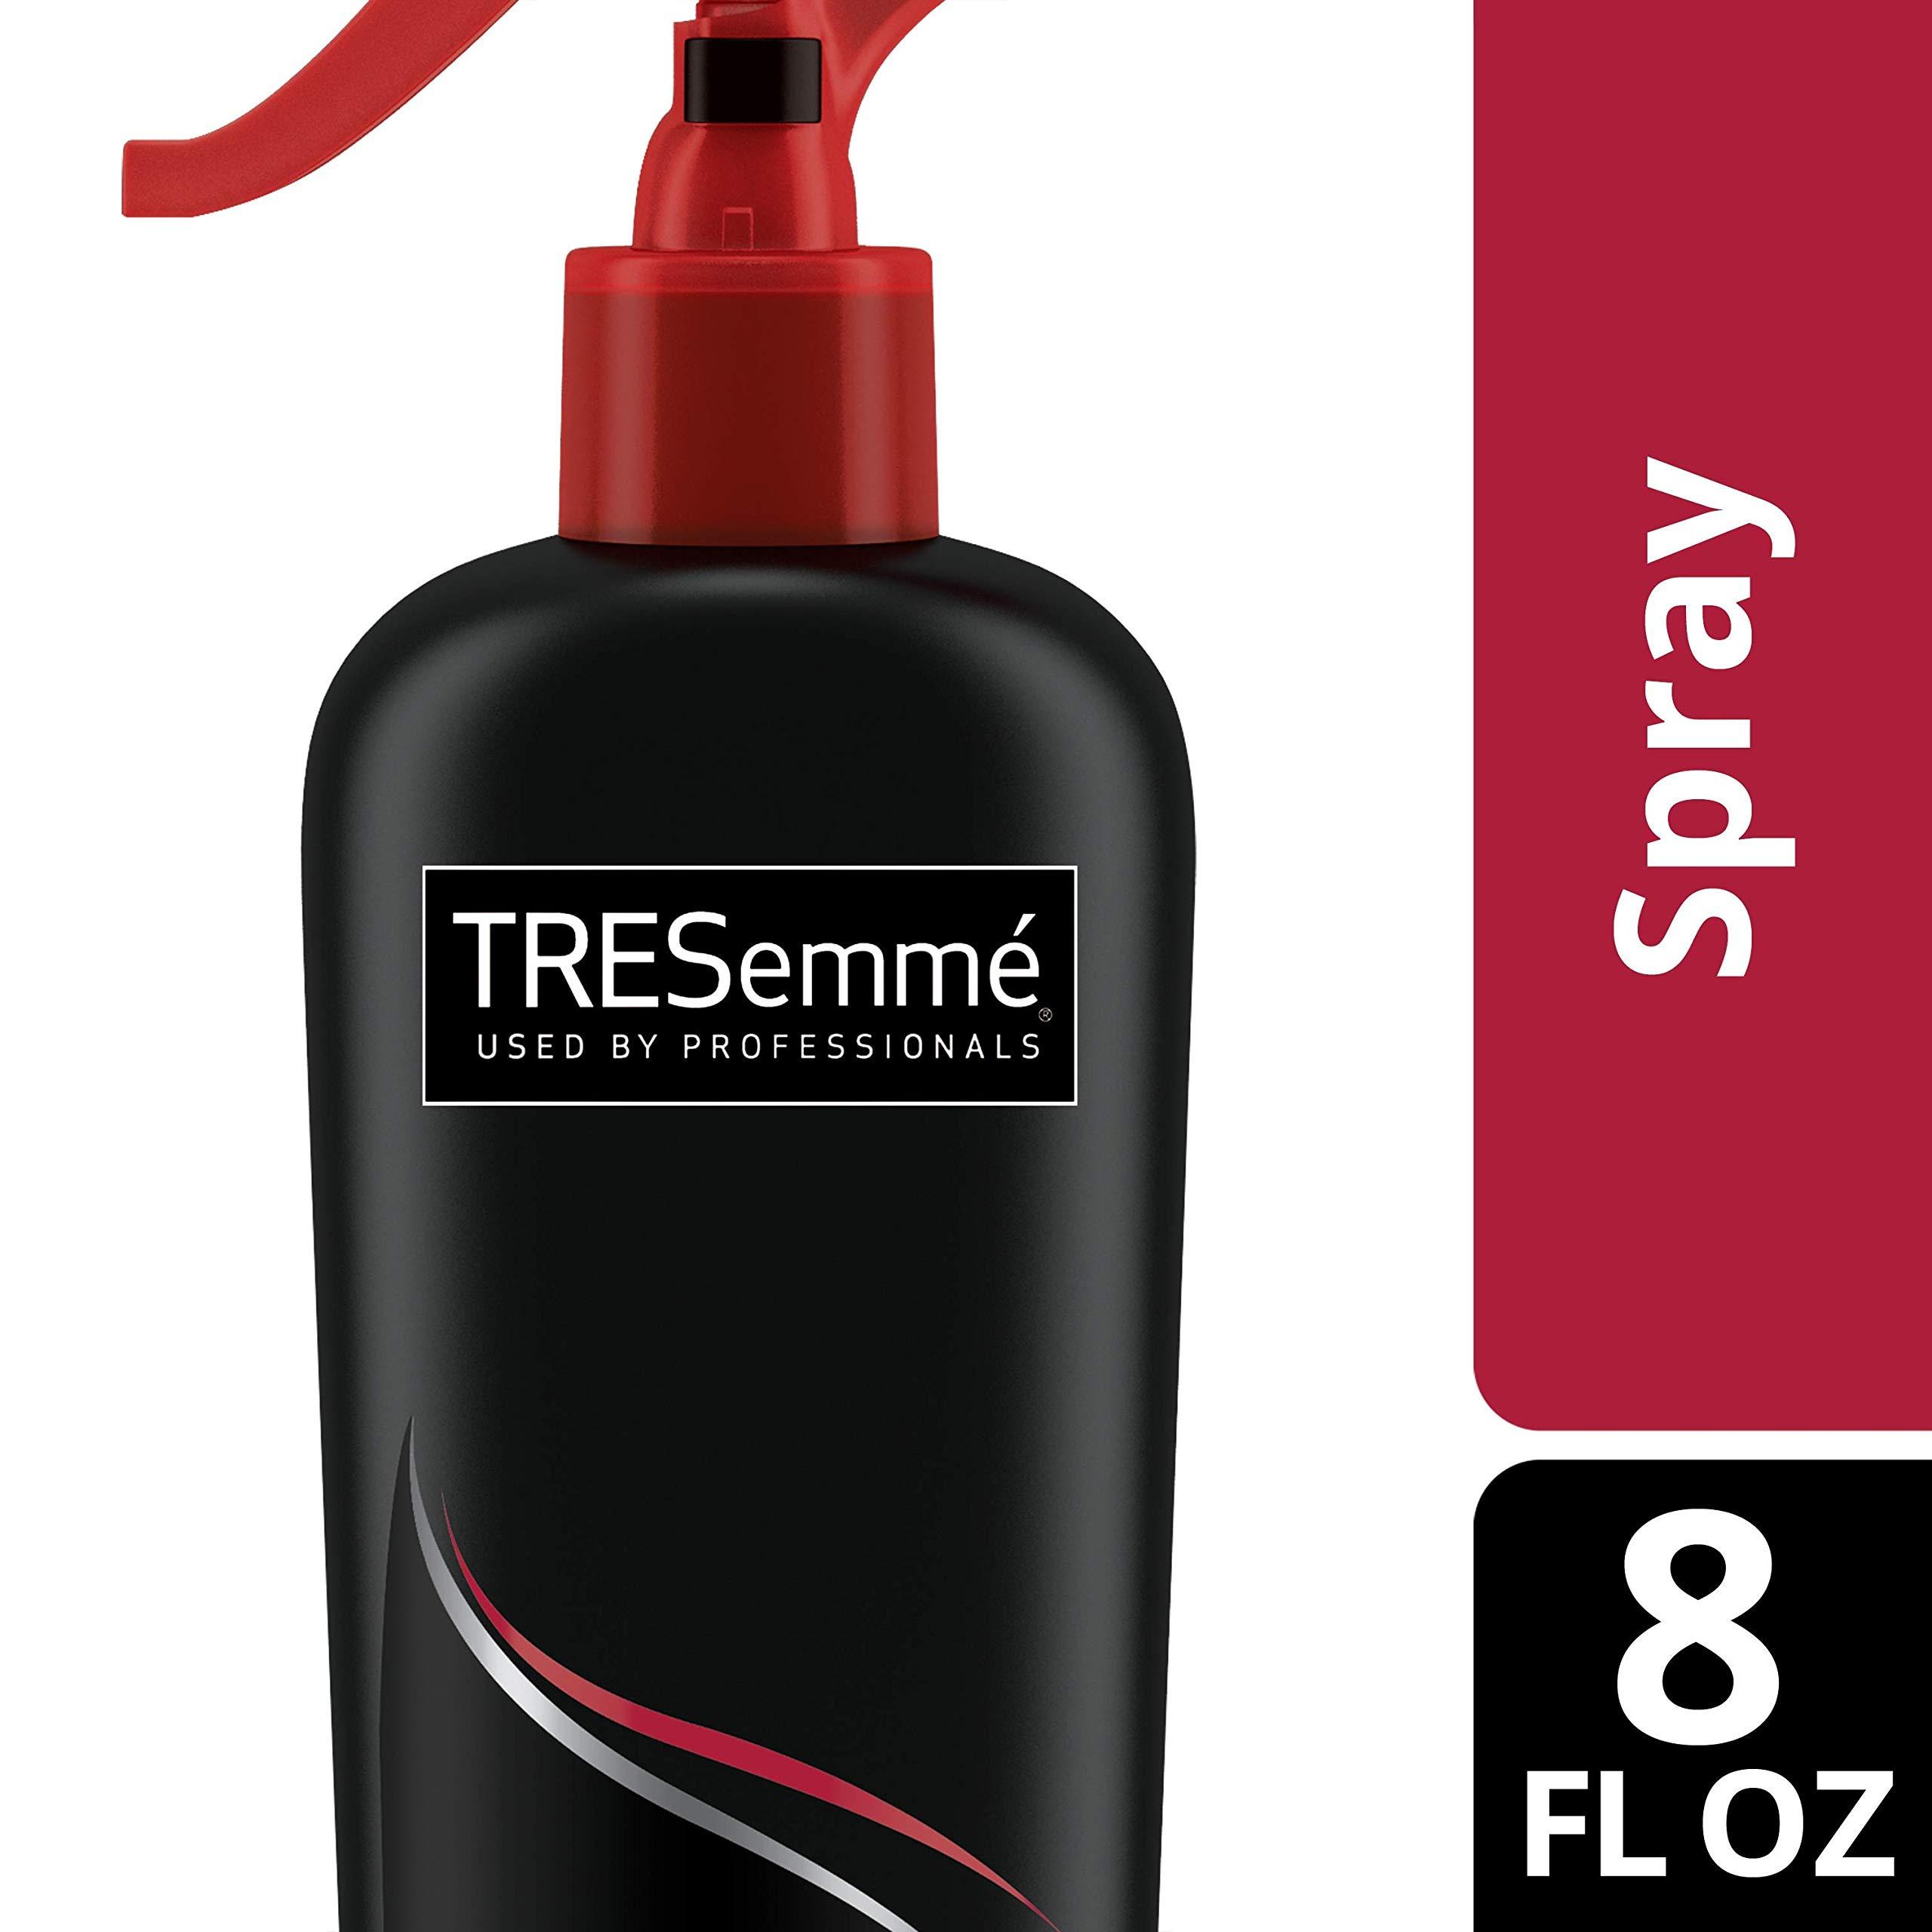 TRESemmé Thermal Creations Heat Protectant Spray for Hair 8 oz